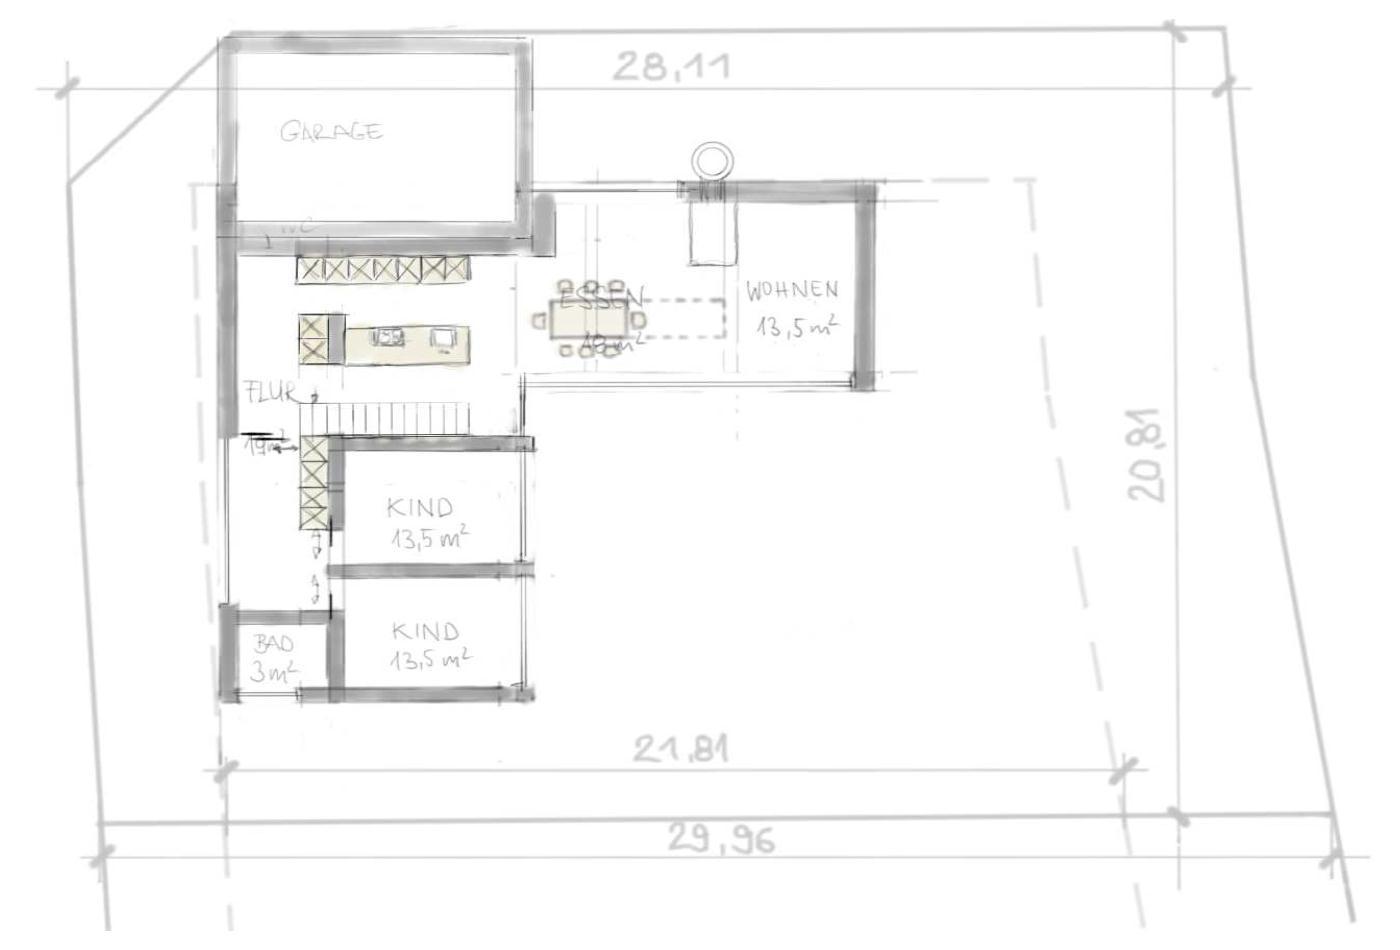 wir blogge r n unsern hausbau mit fertighaus weiss r ckblick 8 luxhaus oder fertighaus weiss. Black Bedroom Furniture Sets. Home Design Ideas